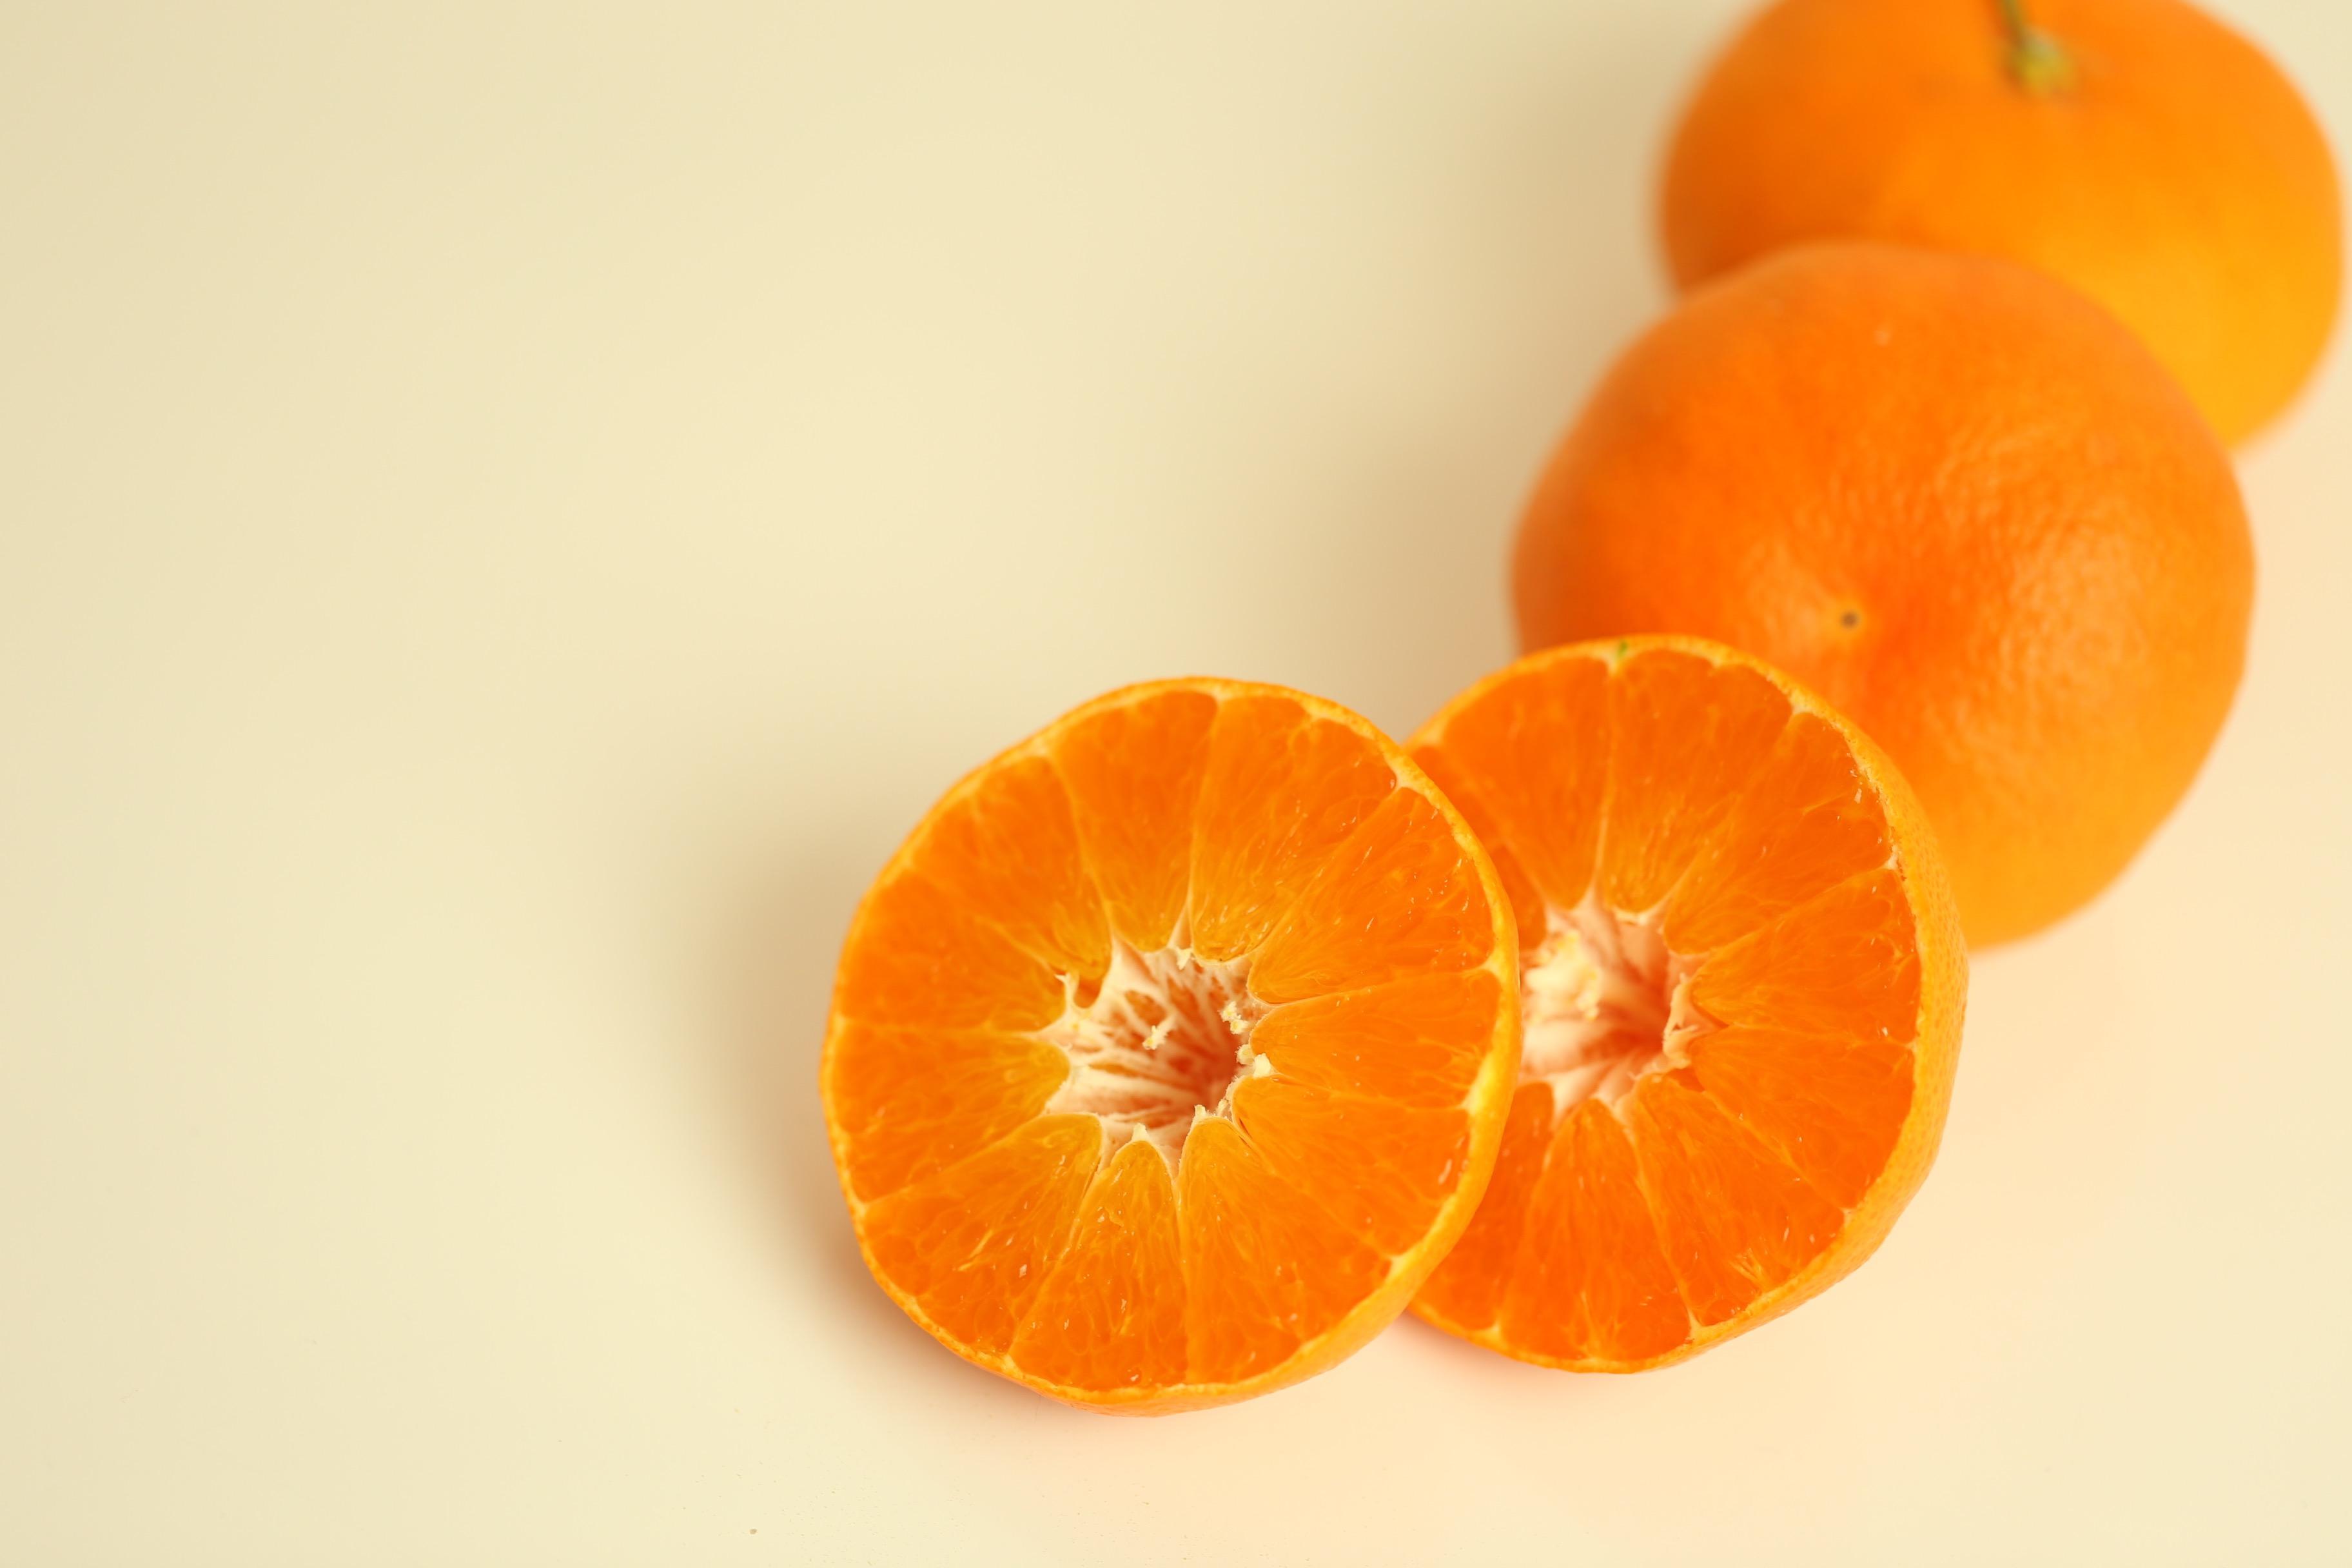 甘すぎ注意!皮が超薄い柑橘【甘平(かんぺい)】